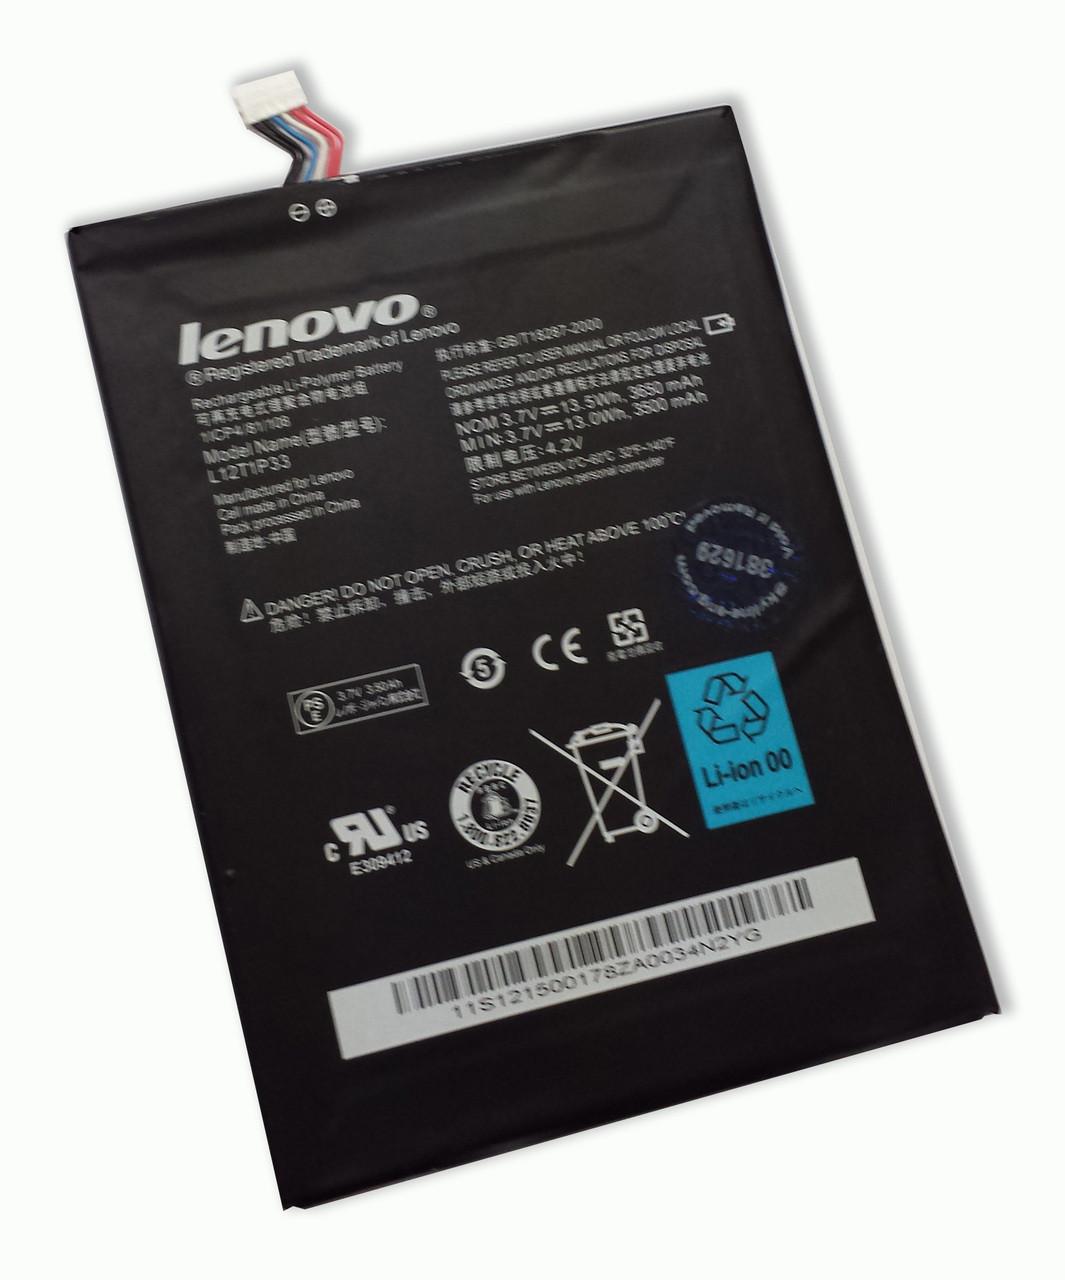 Акумуляторна батарея L12T1P33 / L12D1P31 для планшетів Lenovo A3000 та інших 107*78*3мм 3,7В 3650мАг